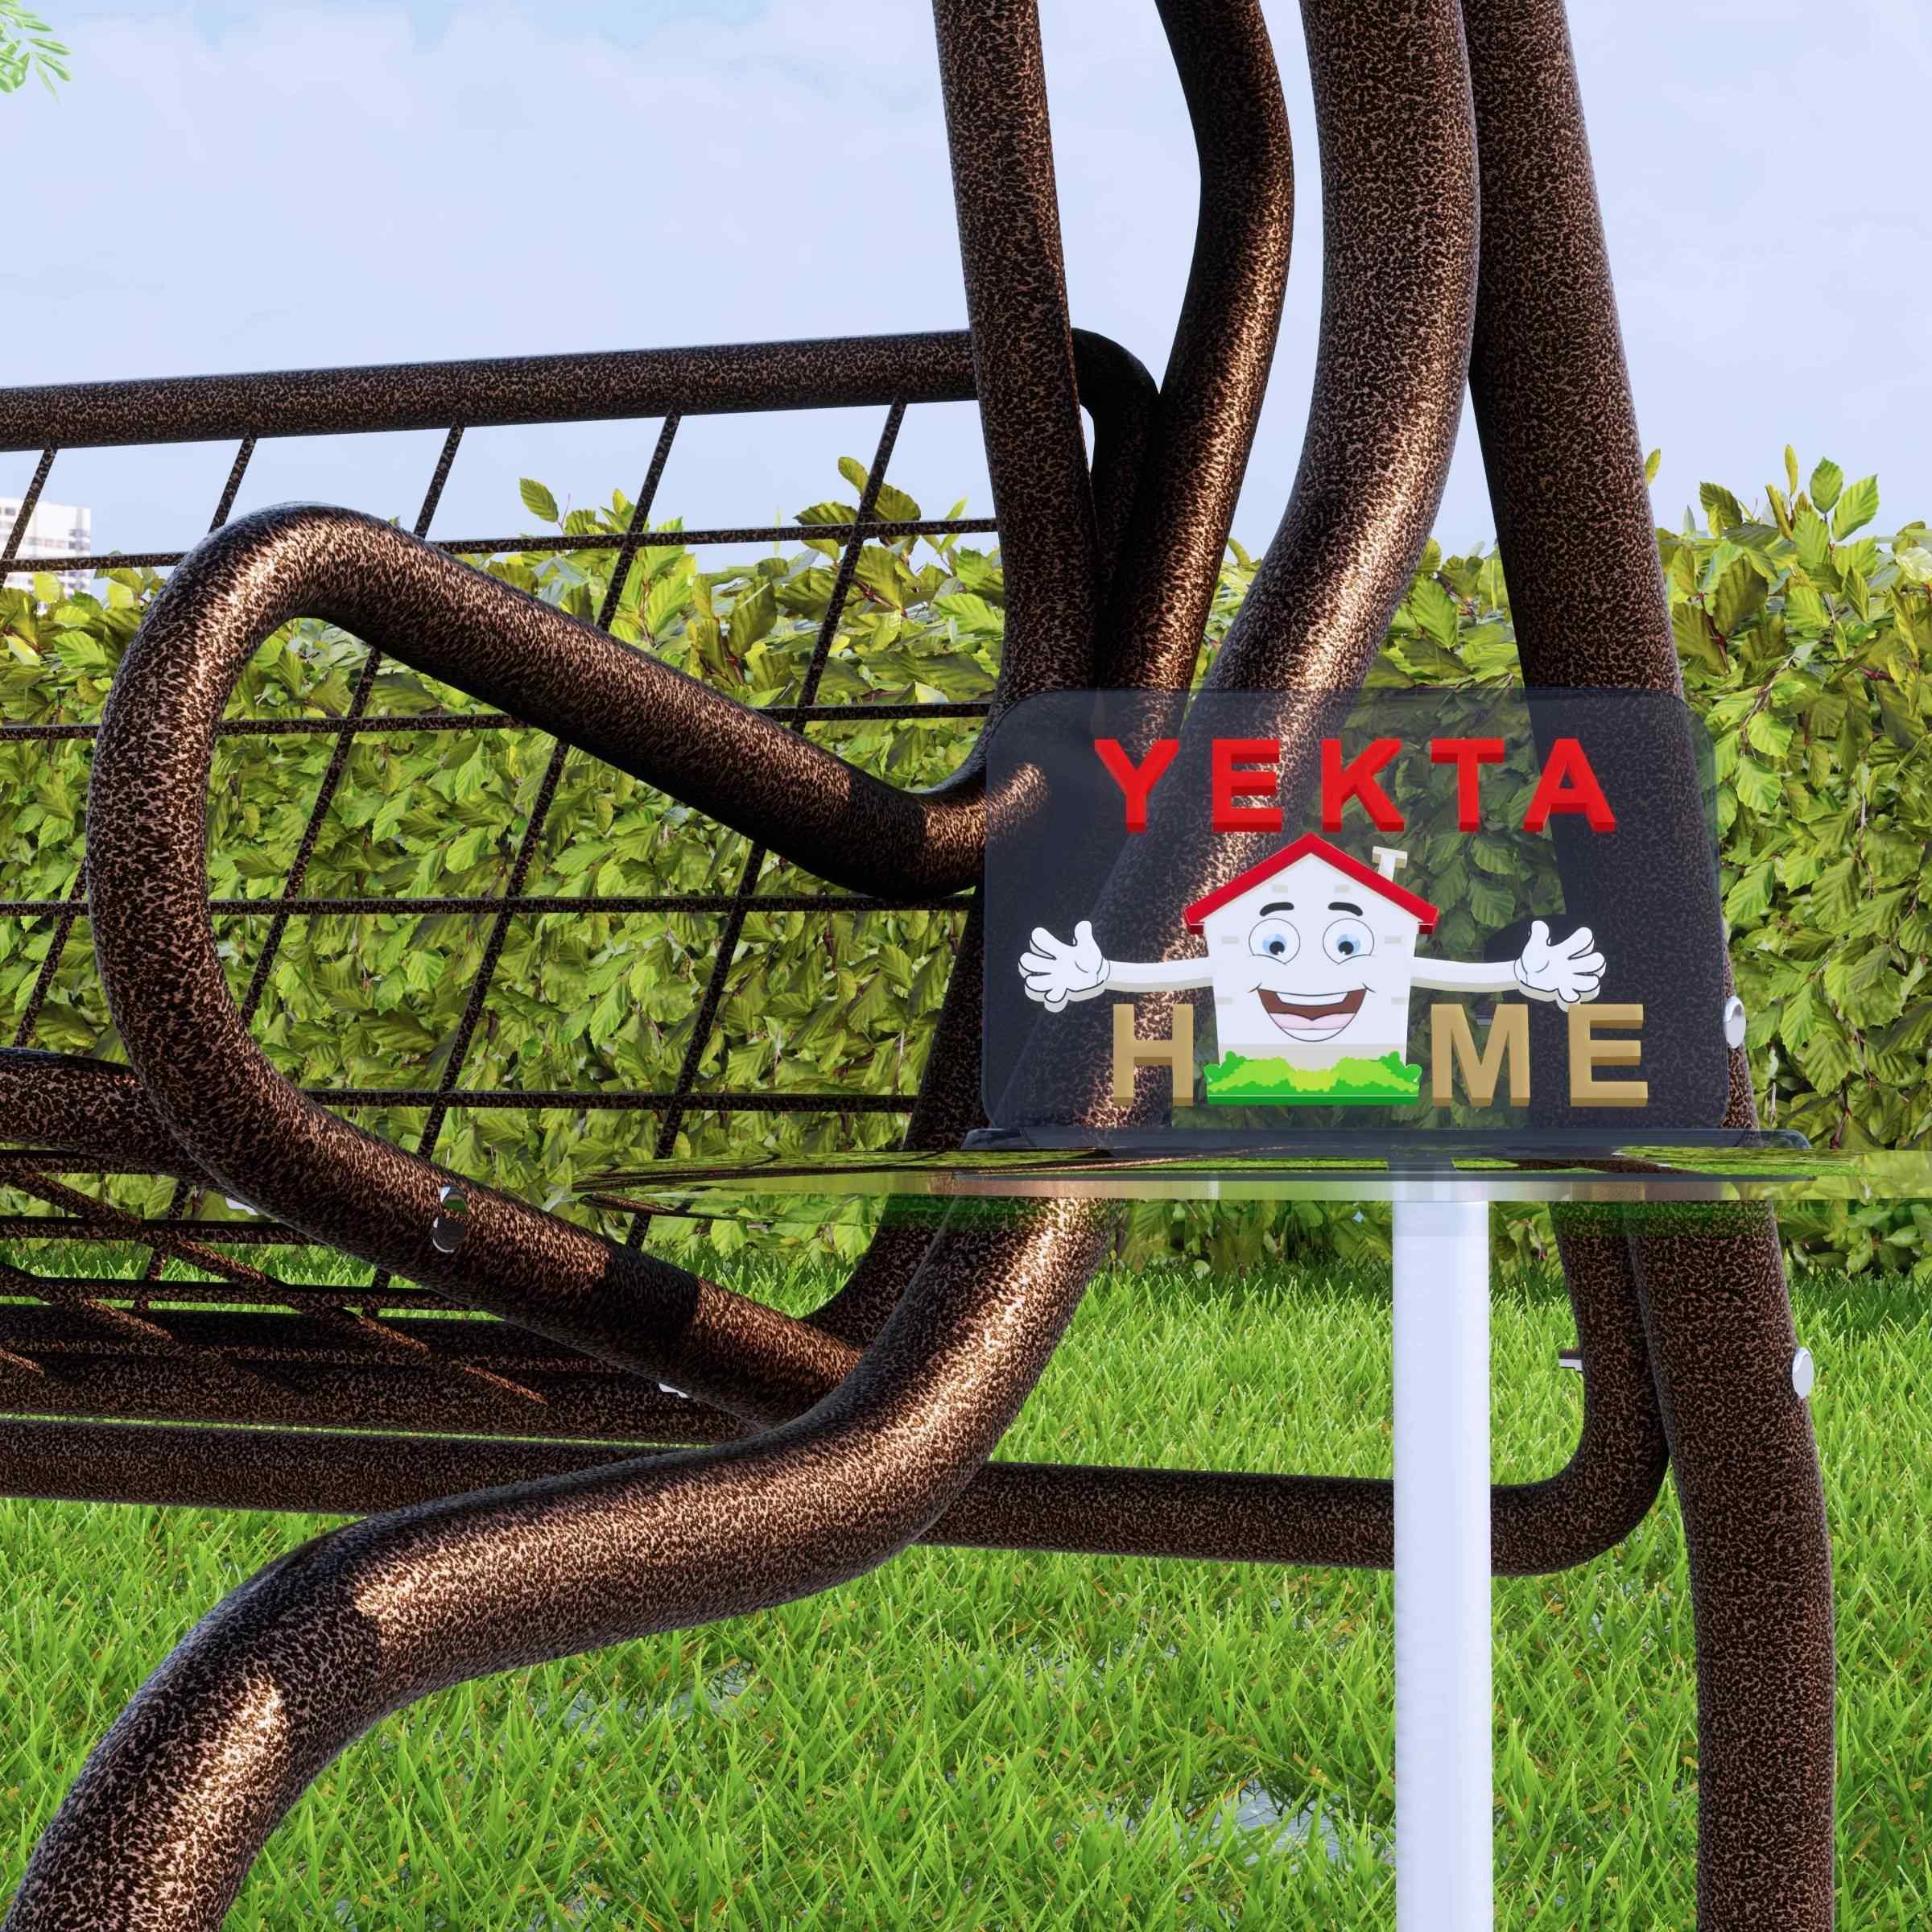 Yekta Karaburun 3 Kişilik Bahçe Salıncağı Balkon Salıncak 200 cm